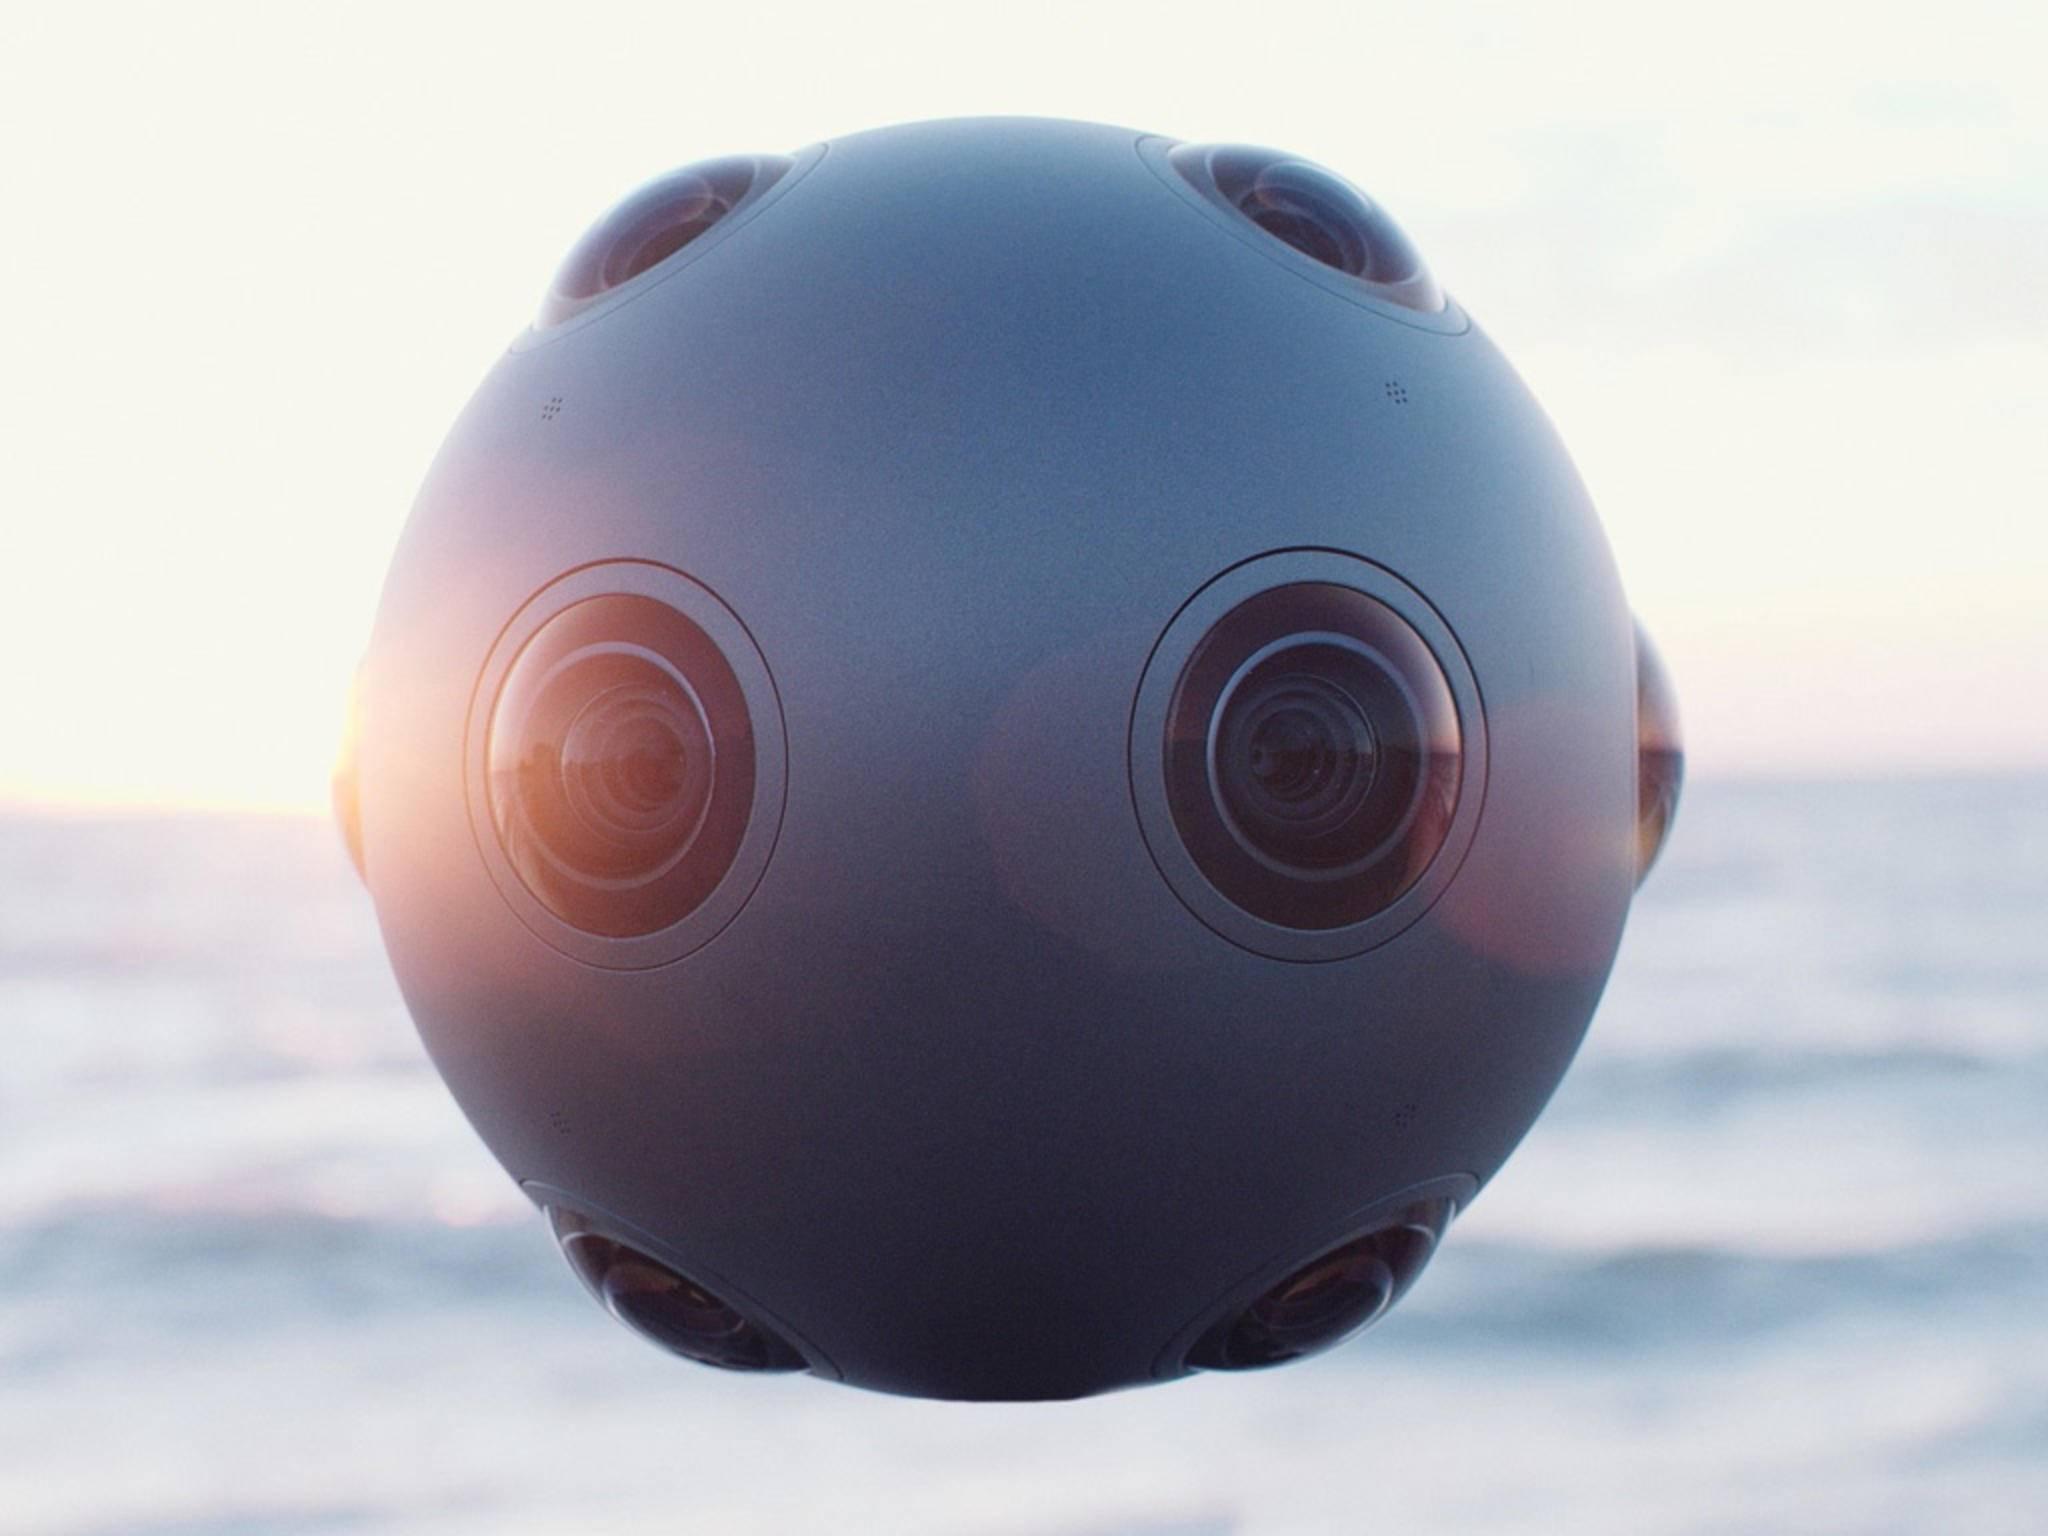 Optisch erinnert die 360 Grad-Kamera eher an einen Fußball.